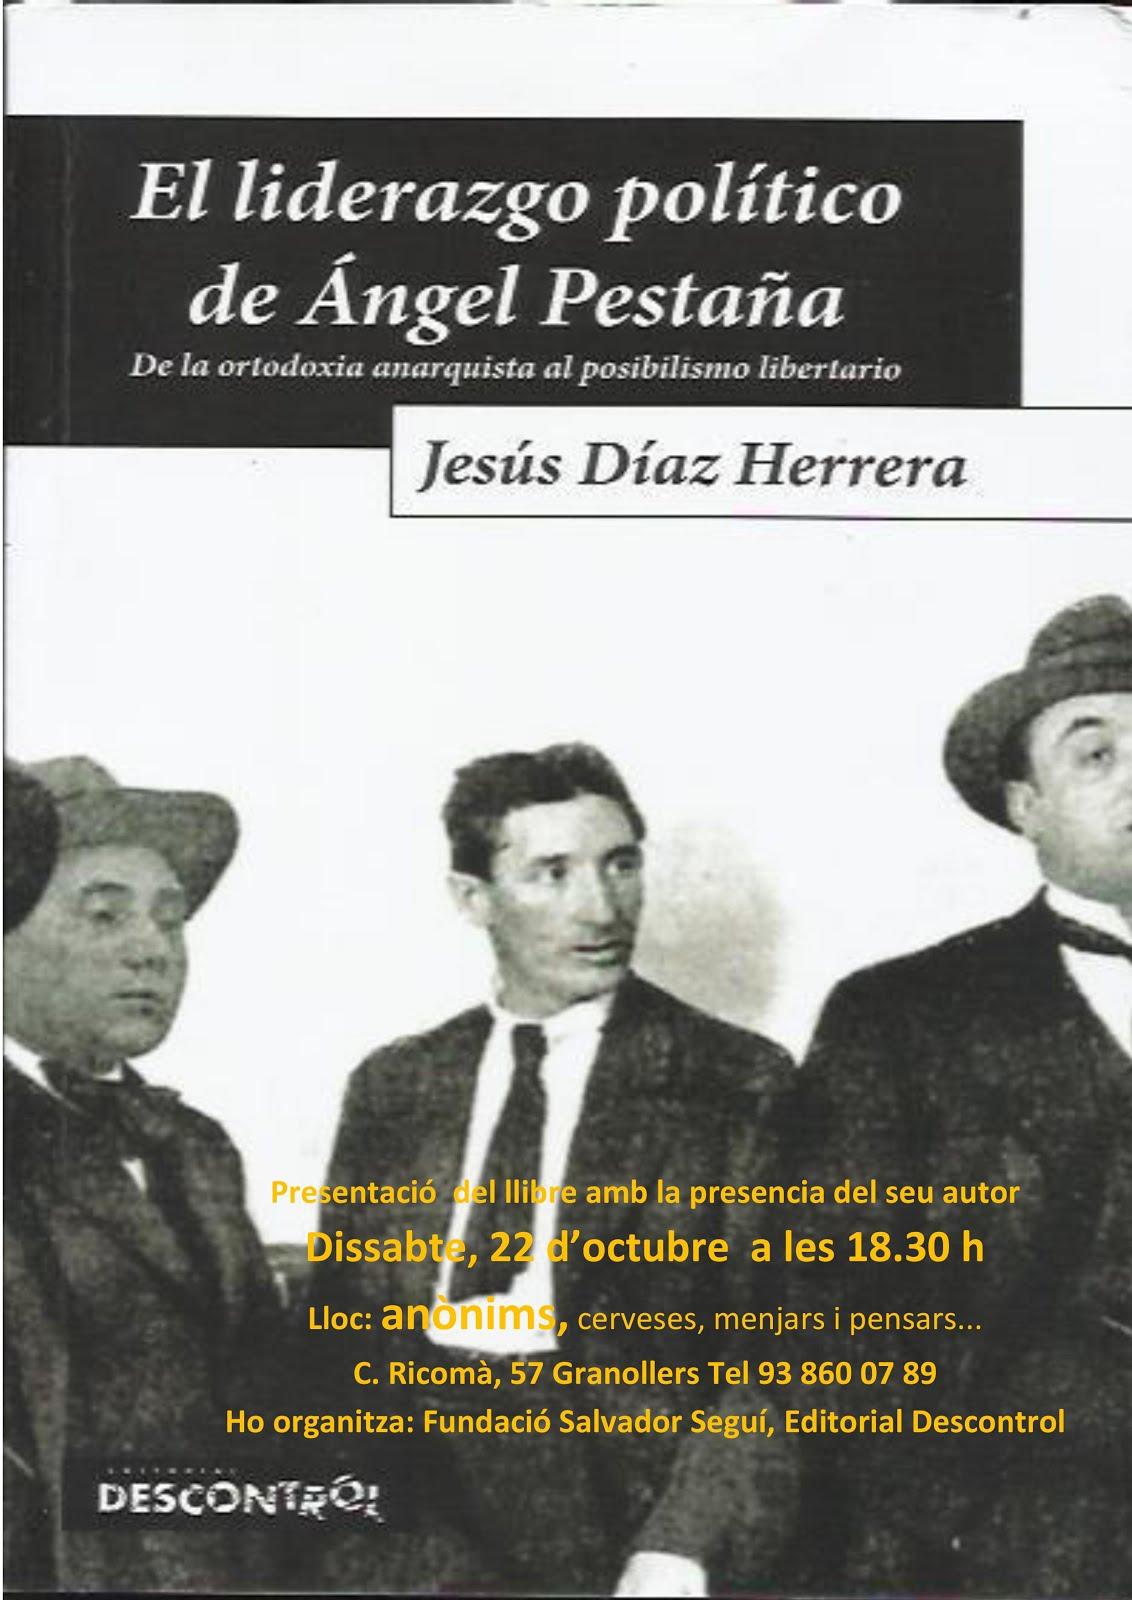 Presentació del llibre sobre Ángel Pestaña a l'Anònims de Granollers